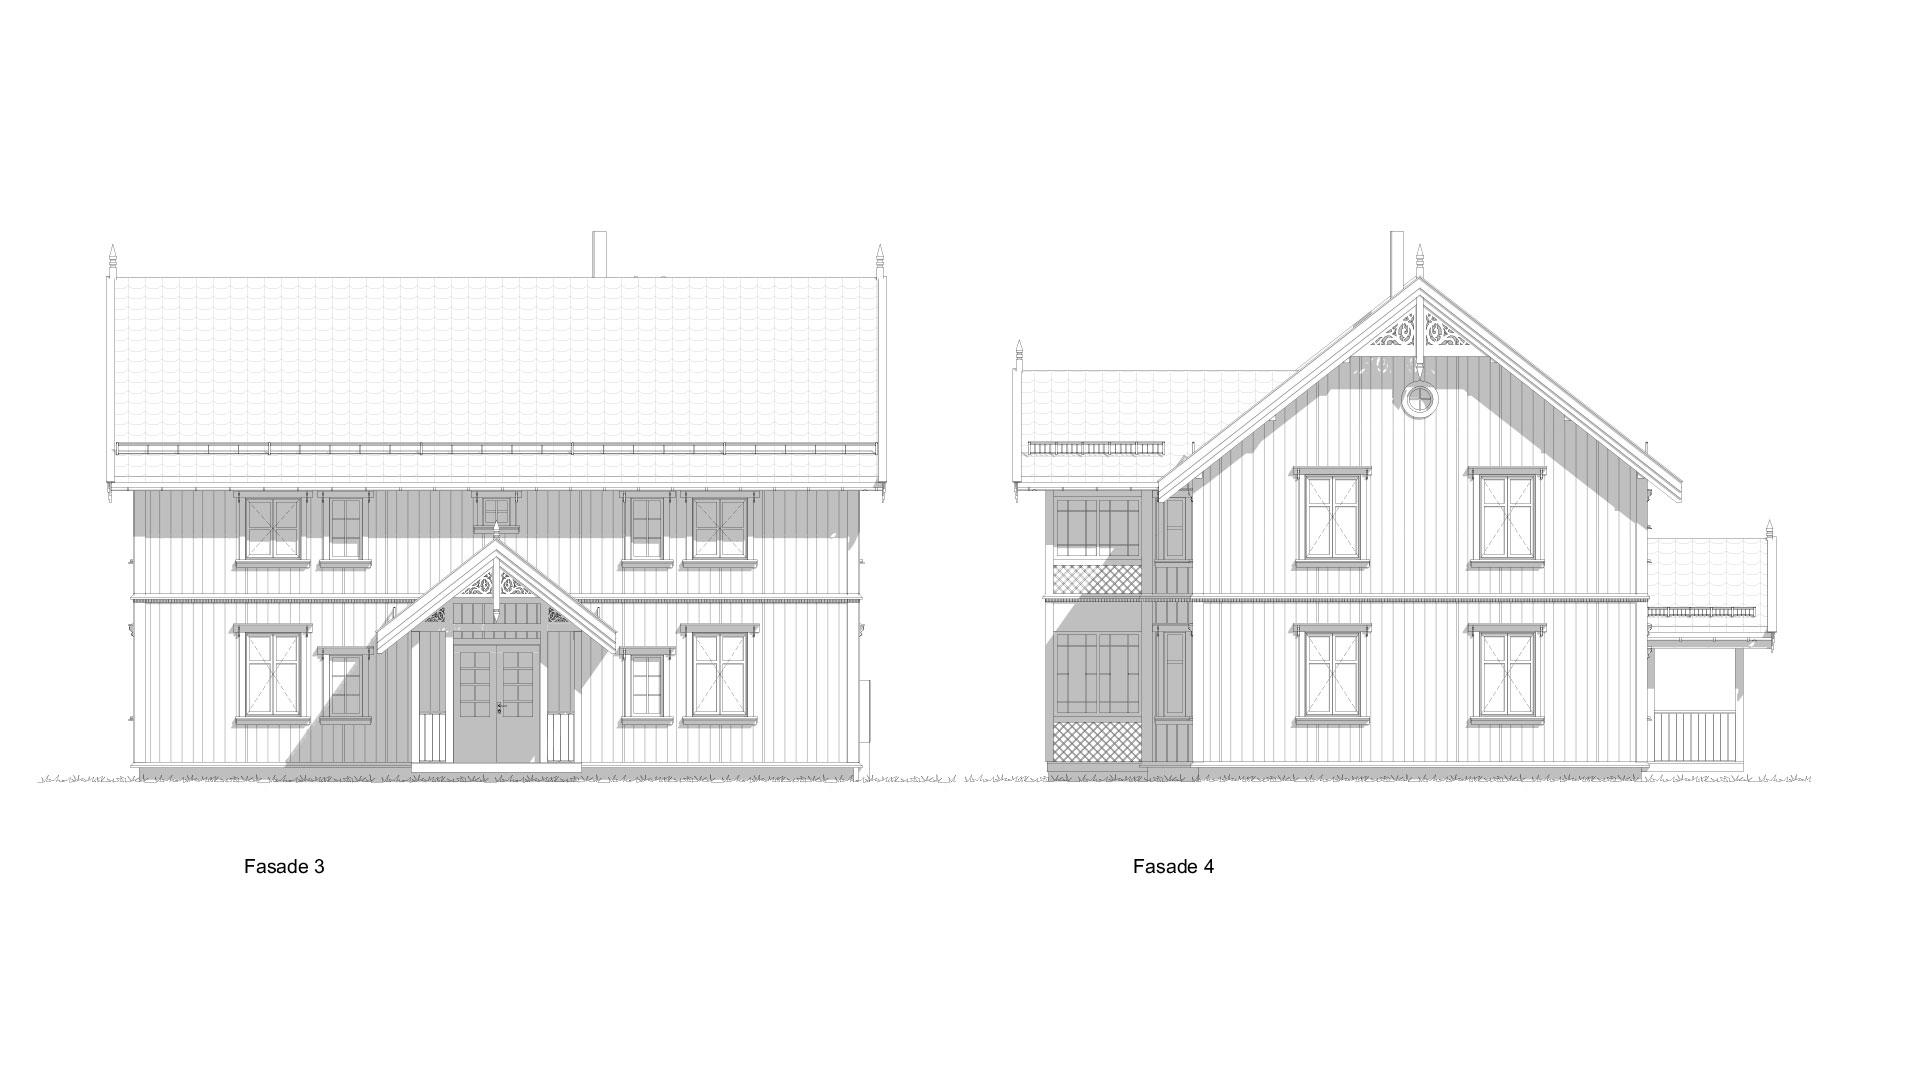 Svalen_Fasade3-4.jpg